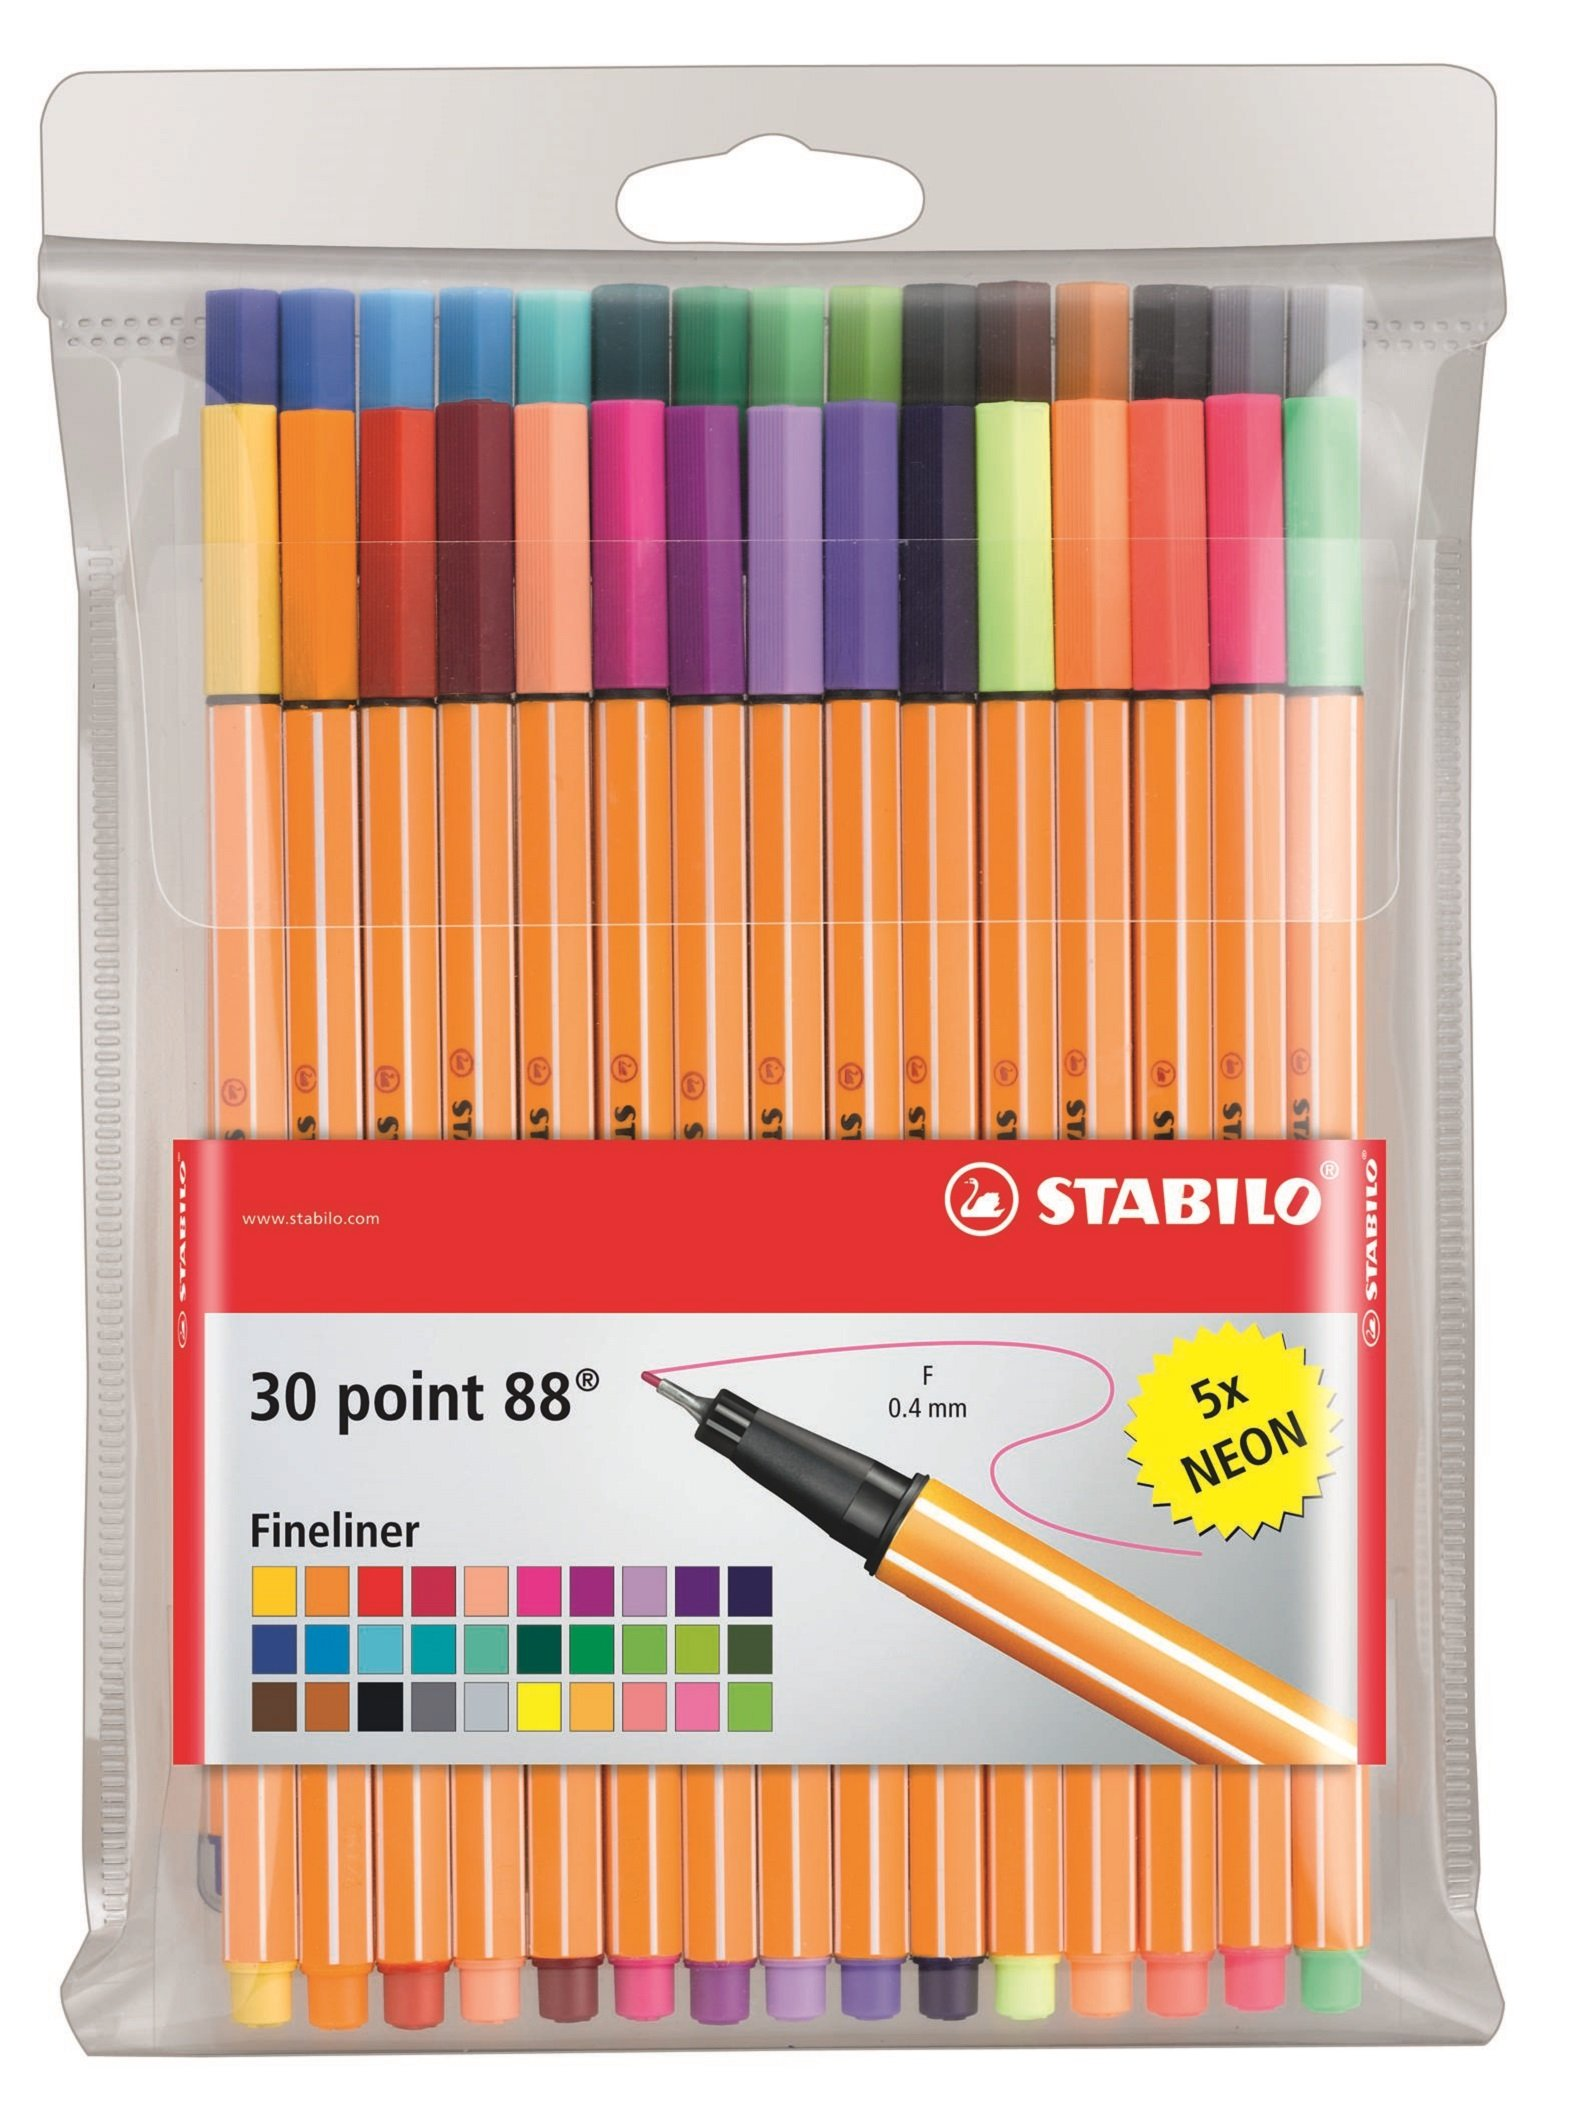 Stabilo Point 88 Fineliner Pens, 0.4 mm - 30-Color Wallet Set